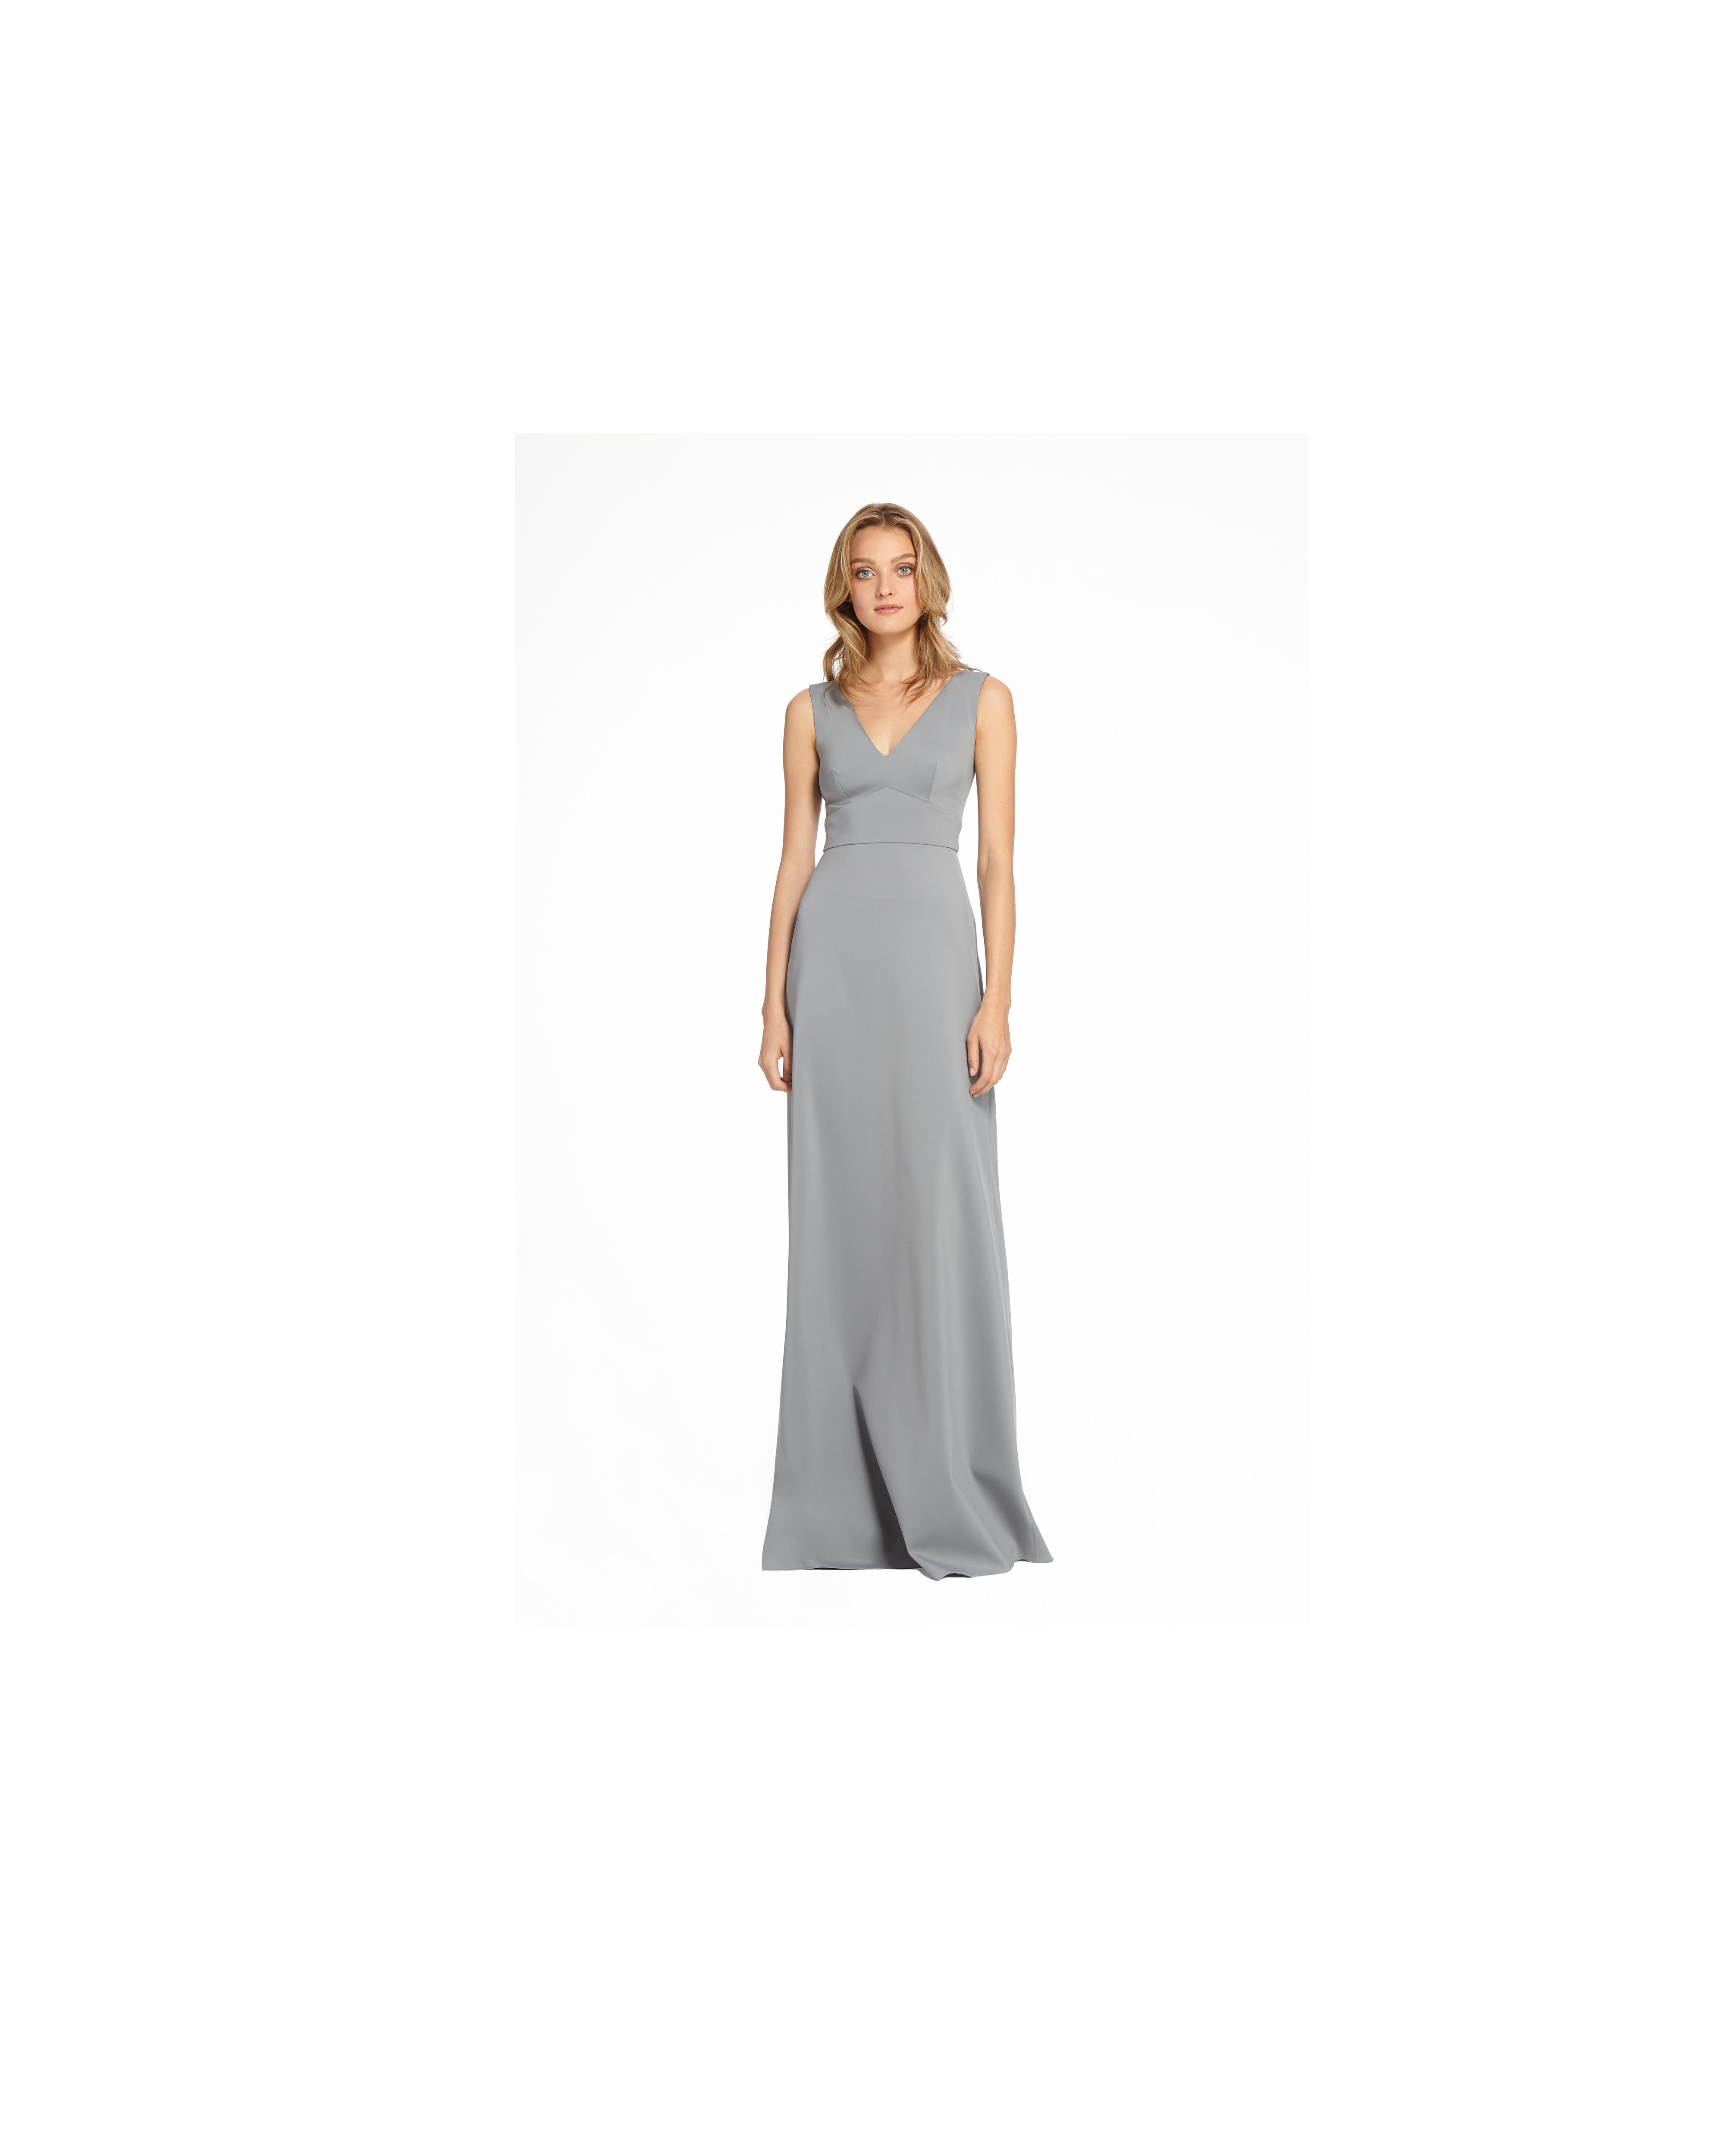 grey silver bridesmaid dresses monique lhuillier clementine dress